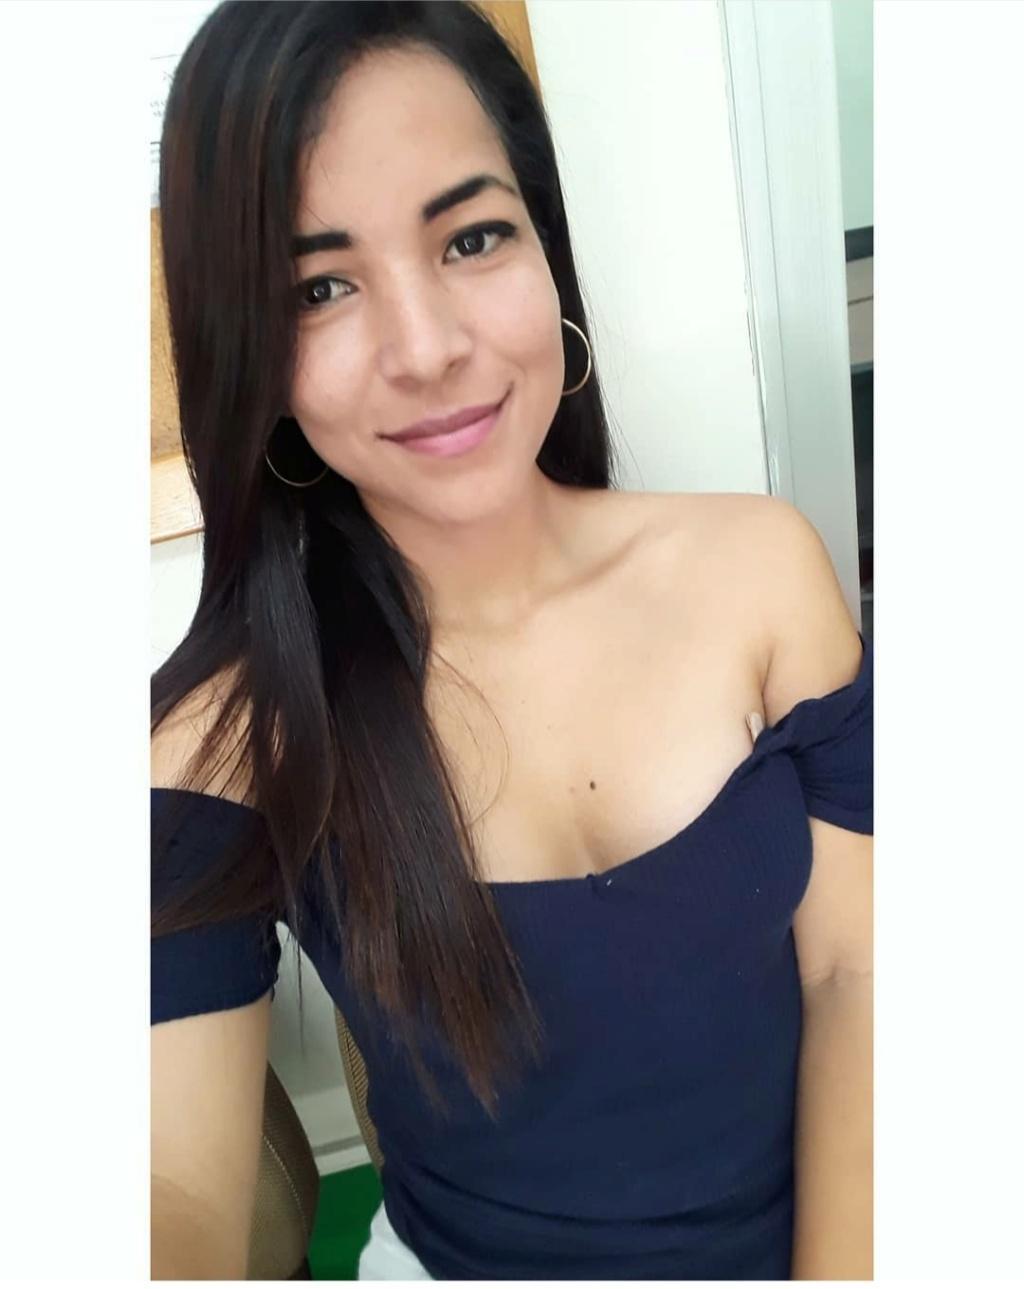 DEBATE sobre belleza, guapura y hermosura (fotos de chicas latinas, mestizas, y de todo) - VOL II - Página 4 Img_2029